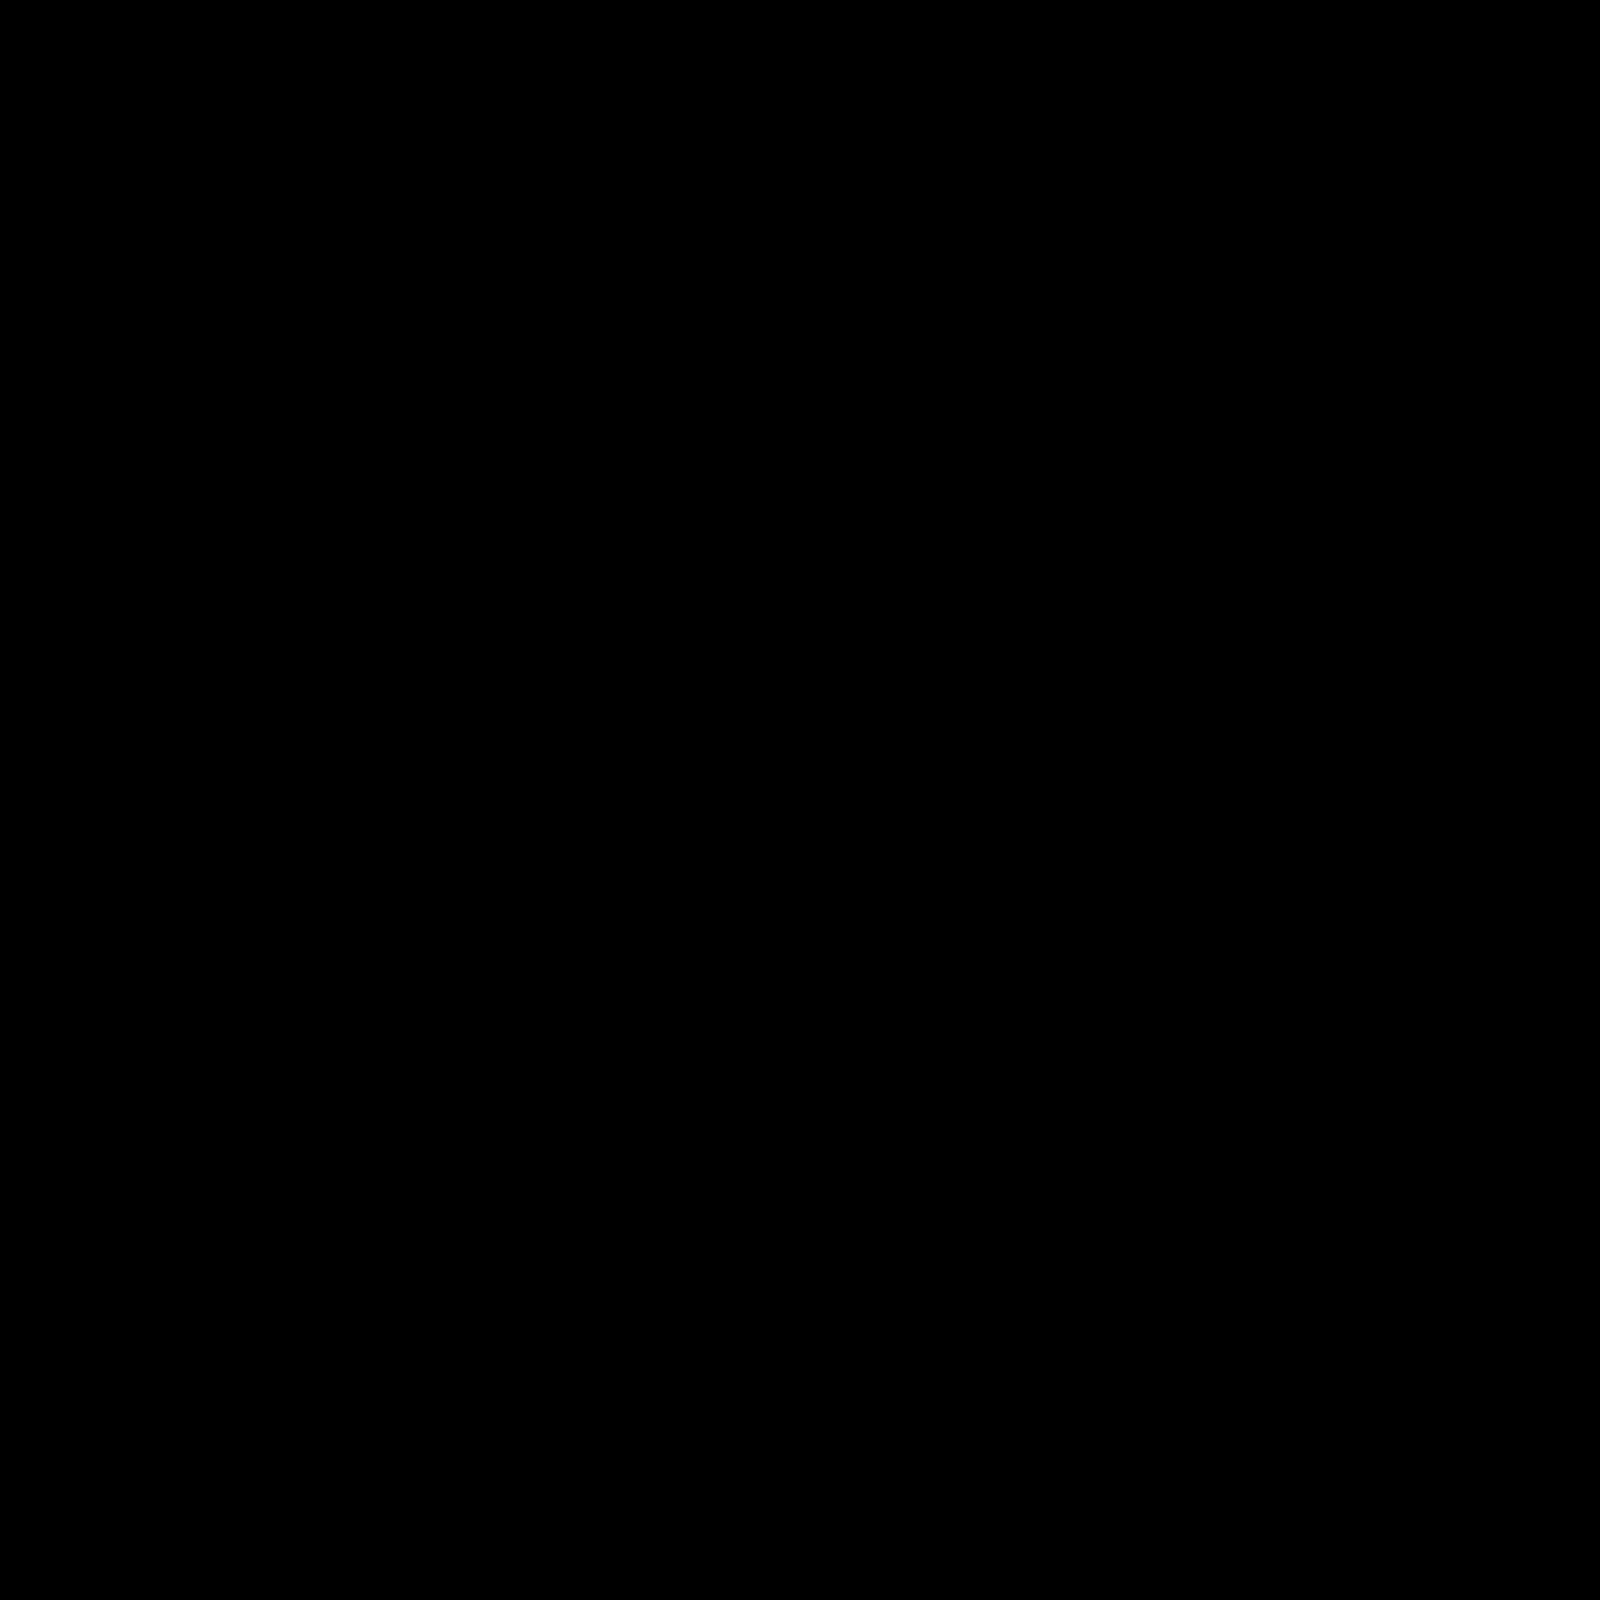 价格标签 icon. This is a very simple icon of a price tag. The tag is standing on one corner. It's made of up a rectangle shape with rounded corners that tapers to a triangular point on one side. There is a circle inside of this triangular point that represents where one might tie a string to hang the tag on something.